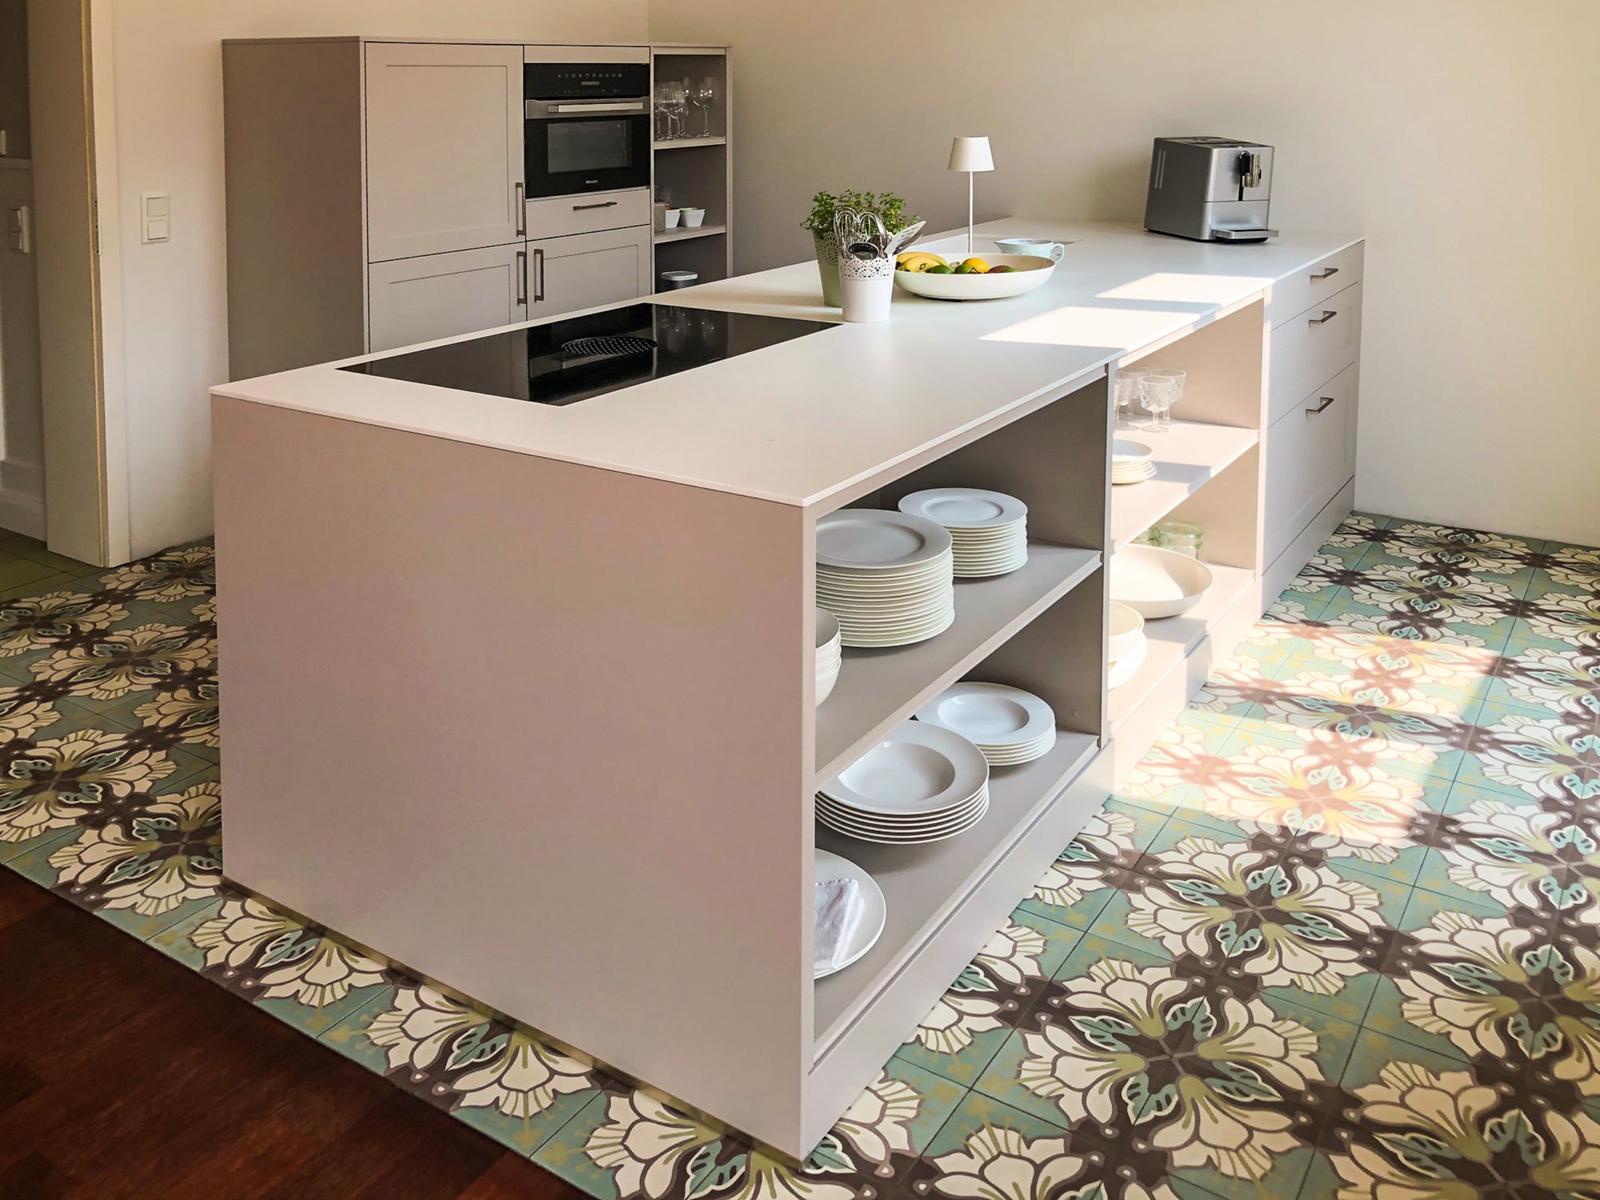 VIA Zementmosaikplatten-nr.51138-küche-viaplatten | 51138